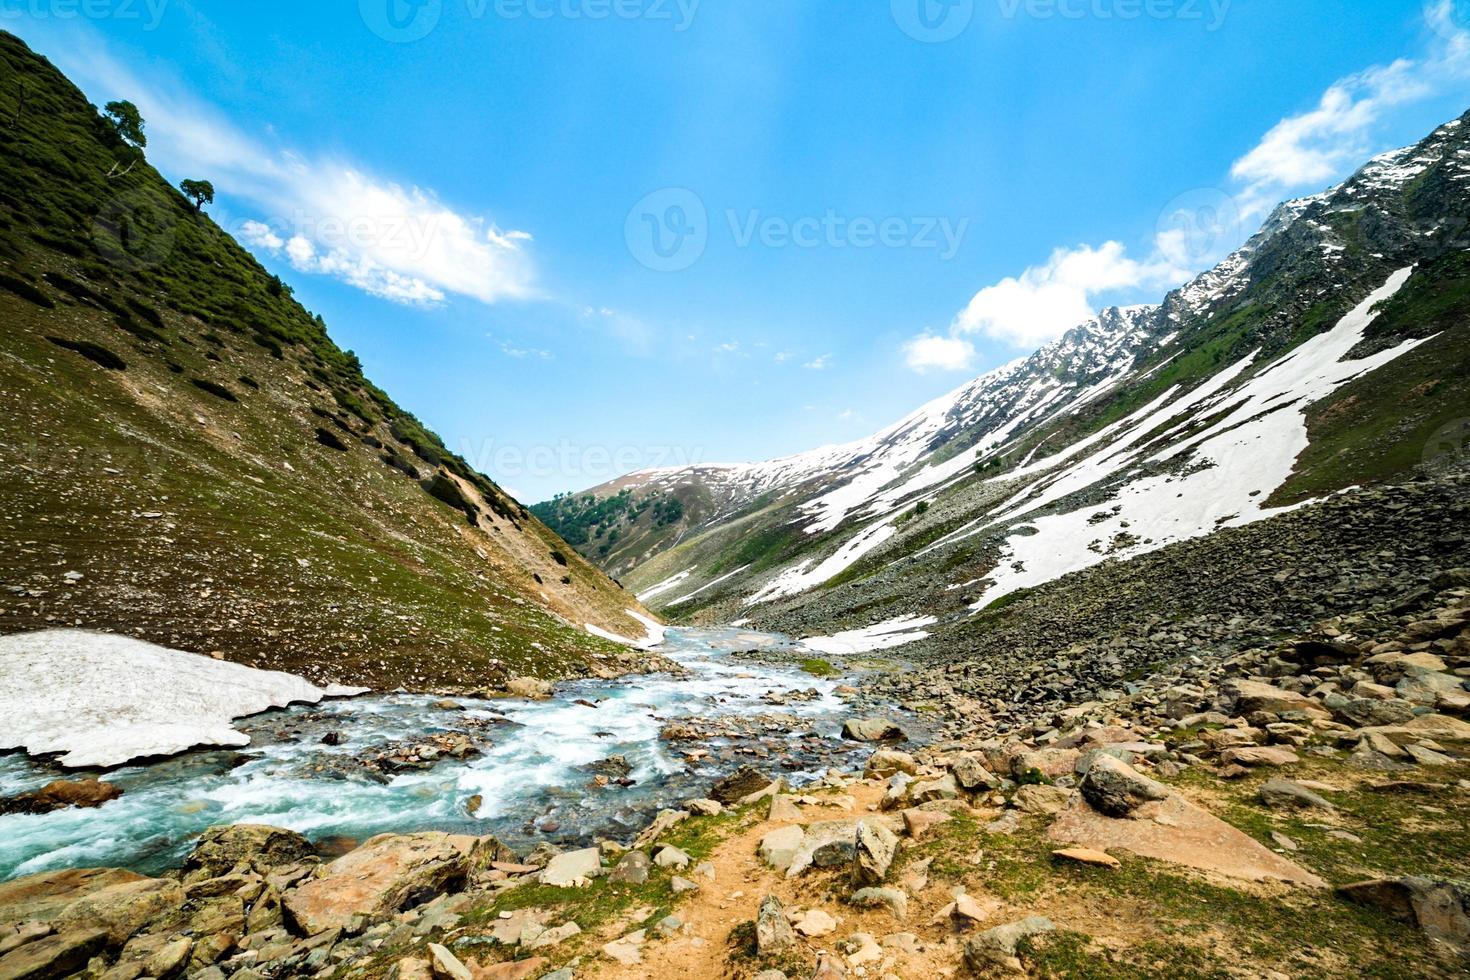 rivière dans les montagnes photo